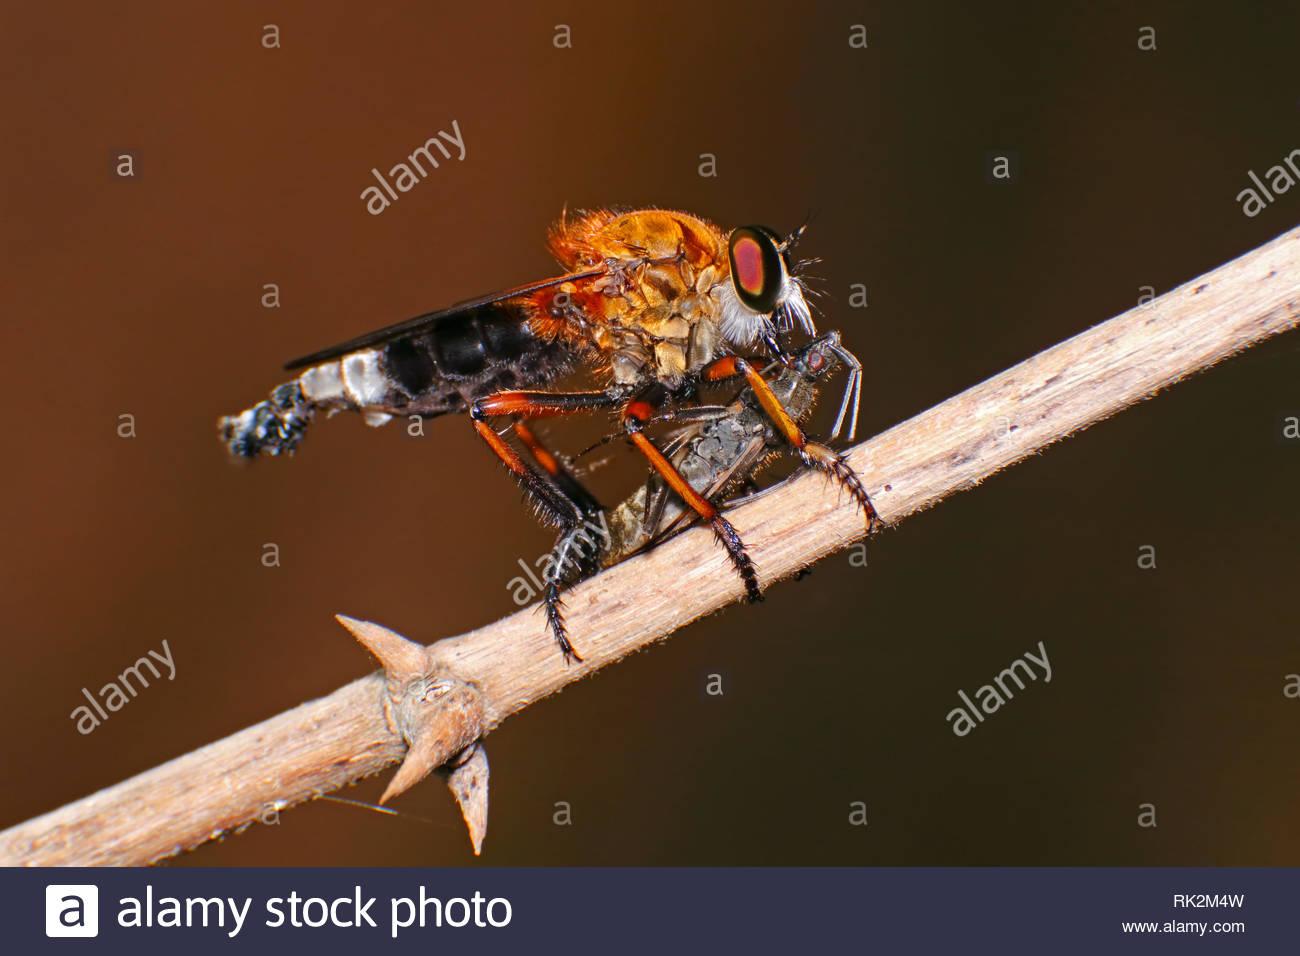 Makroaufnahme eines Räuber fliegen Asilidae essen Insekt Stockbild